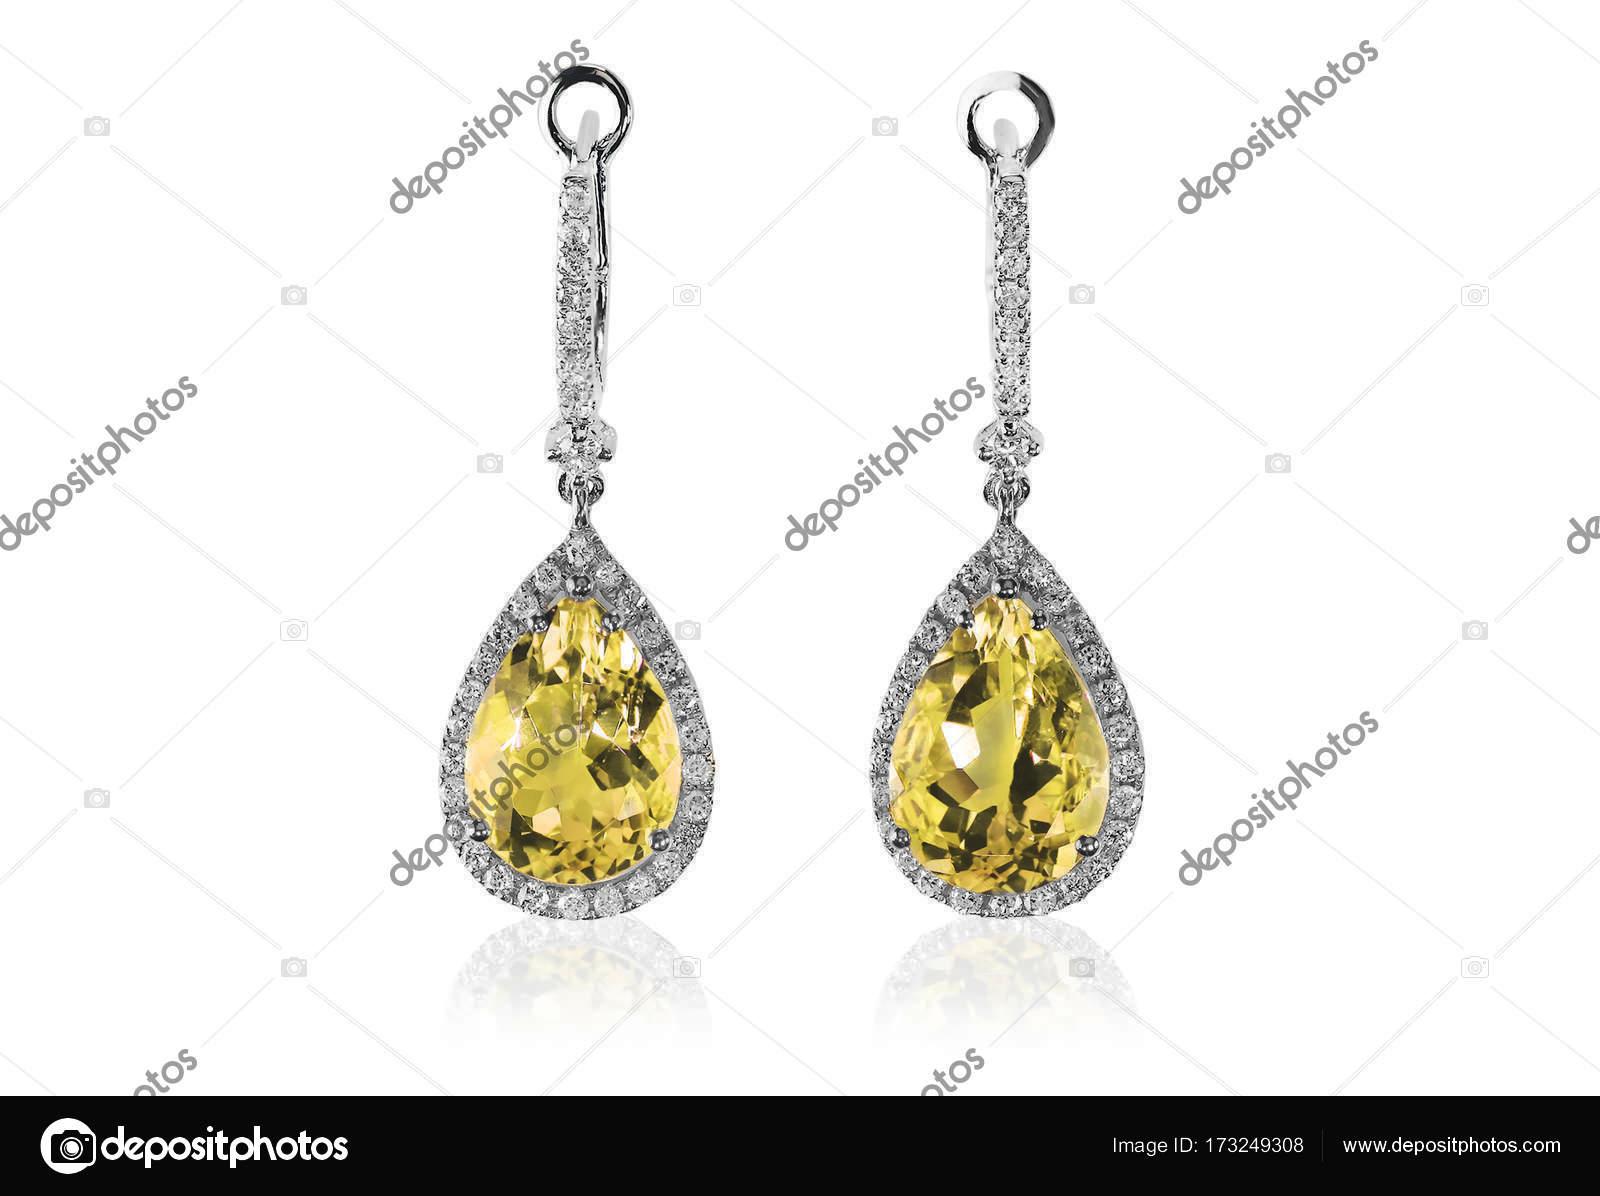 f3f049c7158 Linda almofada de Topázio Amarelo citrino de pedras preciosas diamante  corta formato pera brincos de diamante